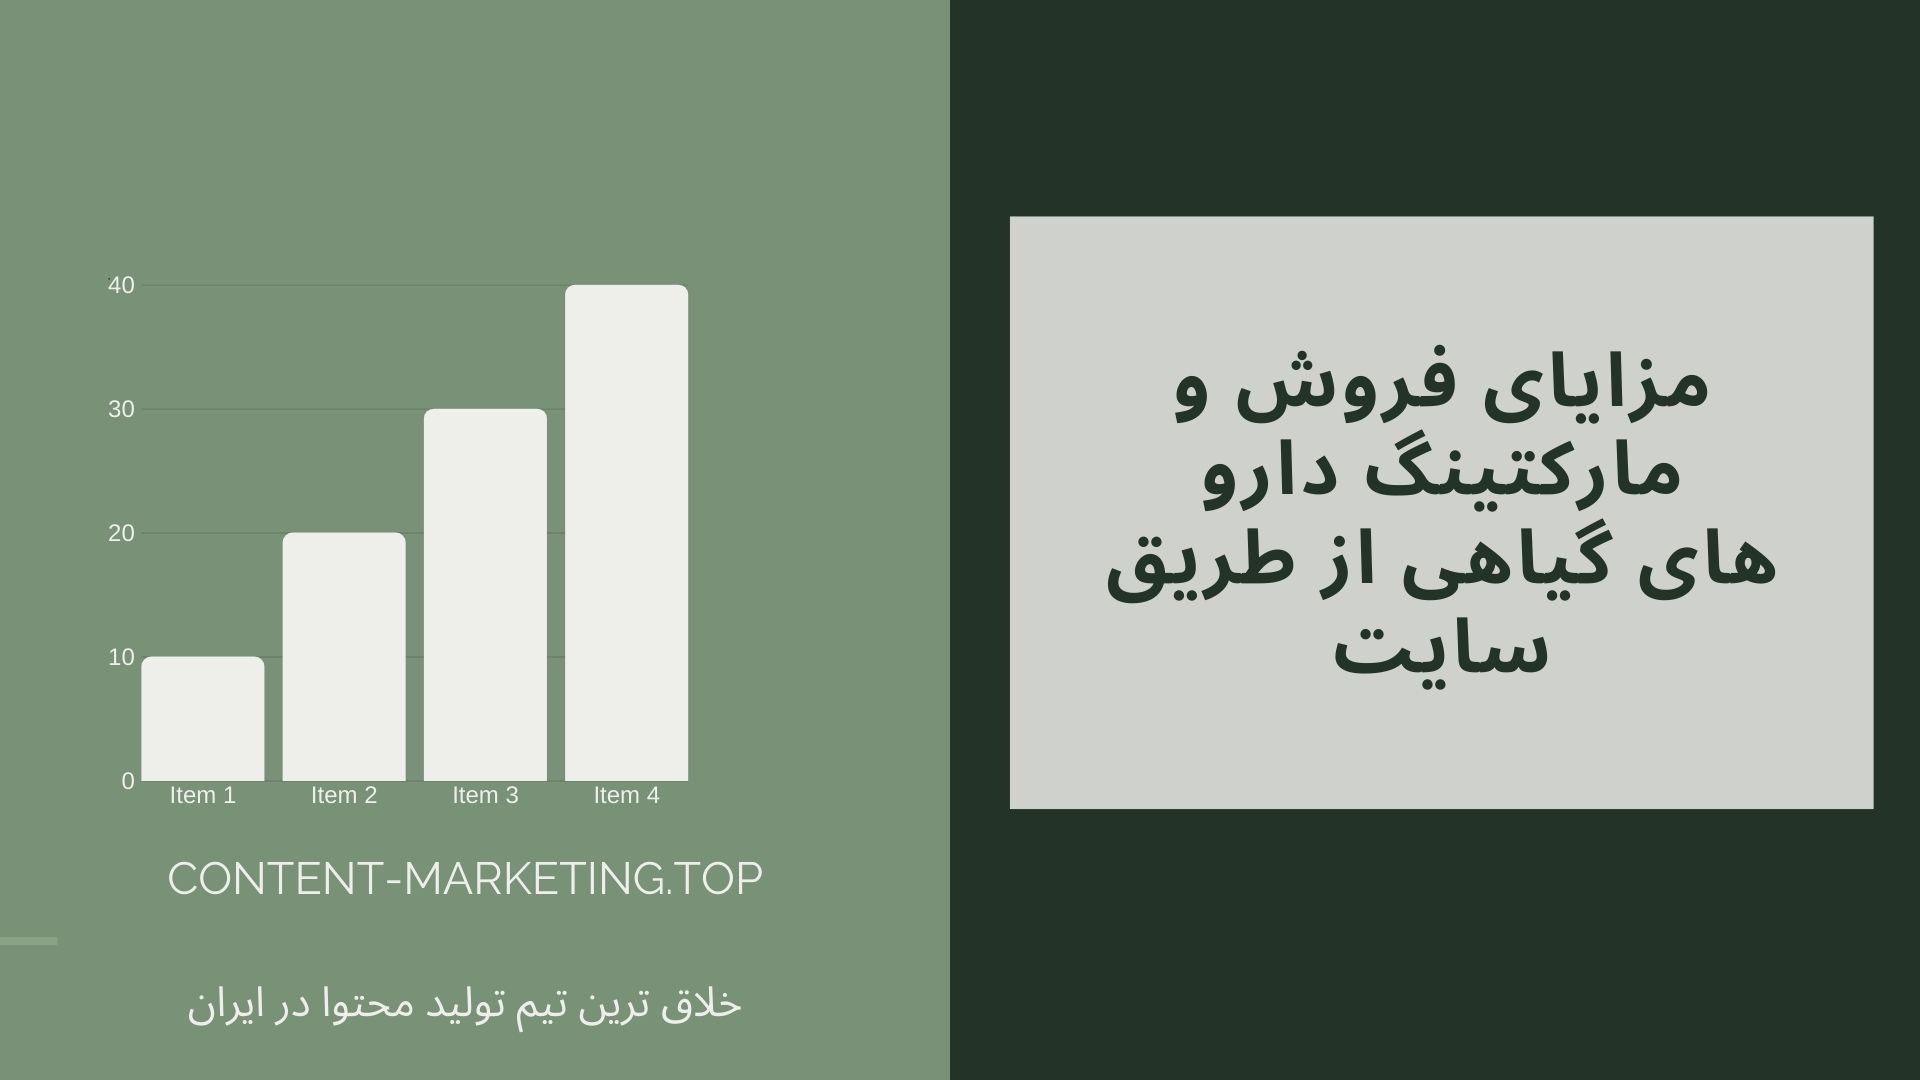 مزایای فروش و مارکتینگ دارو های گیاهی از طریق سایت